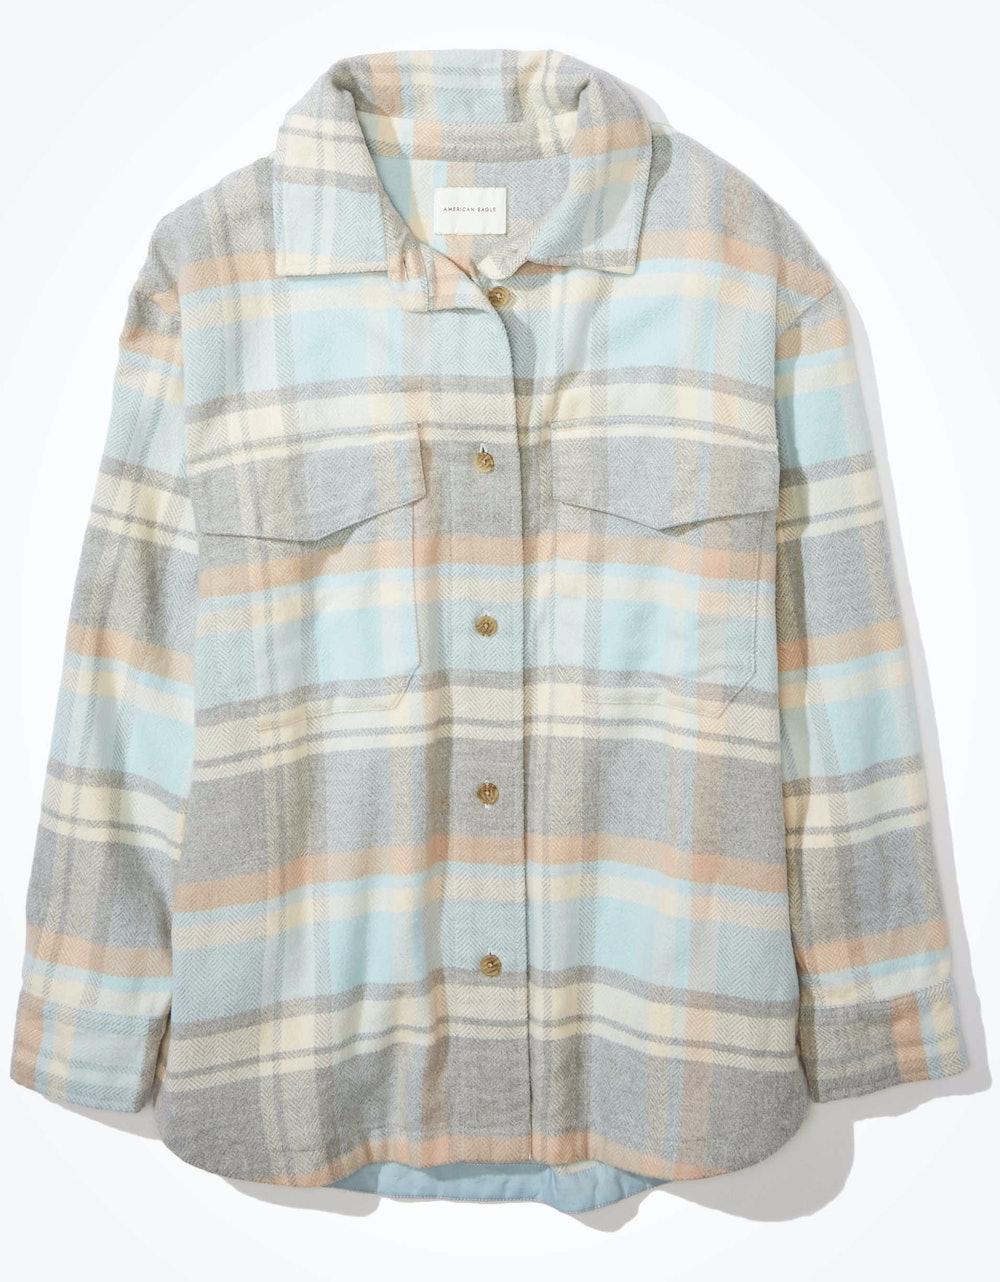 Oversized Button Up Shirt Jacket